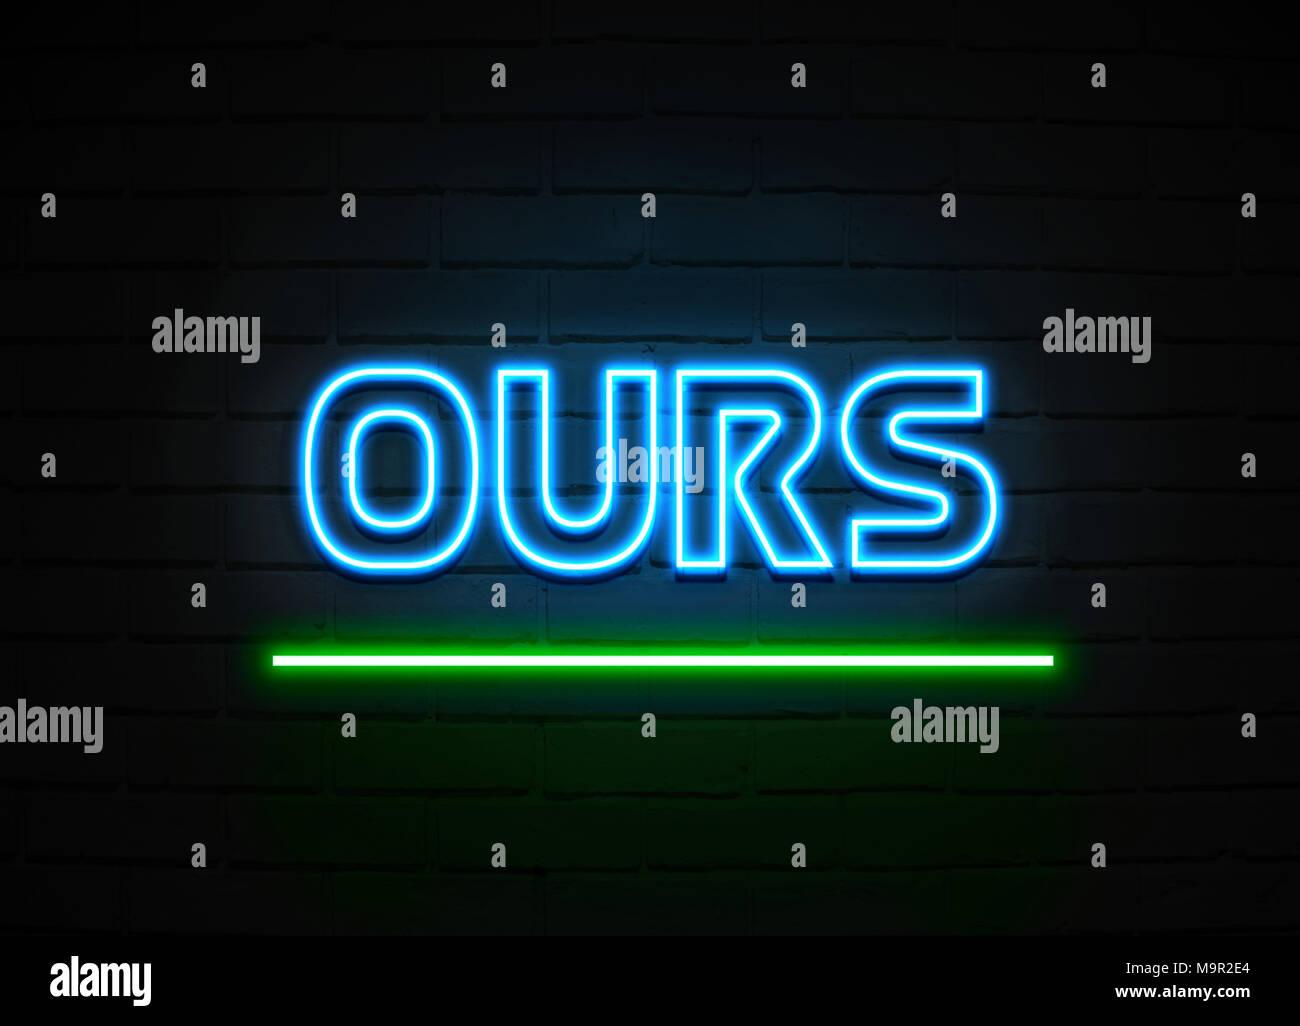 La nôtre en néon - Glowing Neon Sign sur mur brickwall - rendu 3D illustration libres de droits. Photo Stock